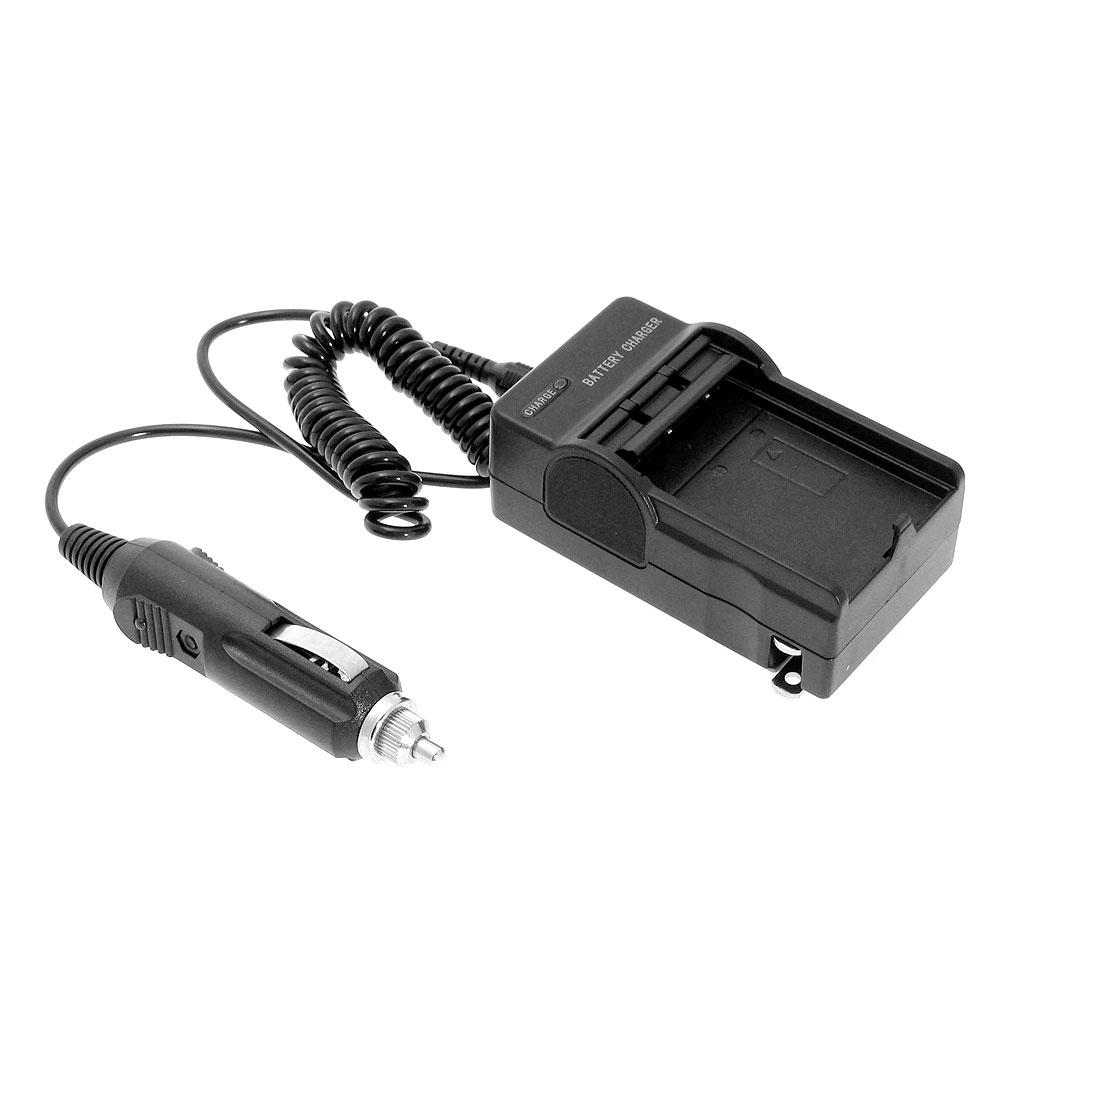 US Plug Digital Camera Video Camcorder Battery Charger for Kodak K5001